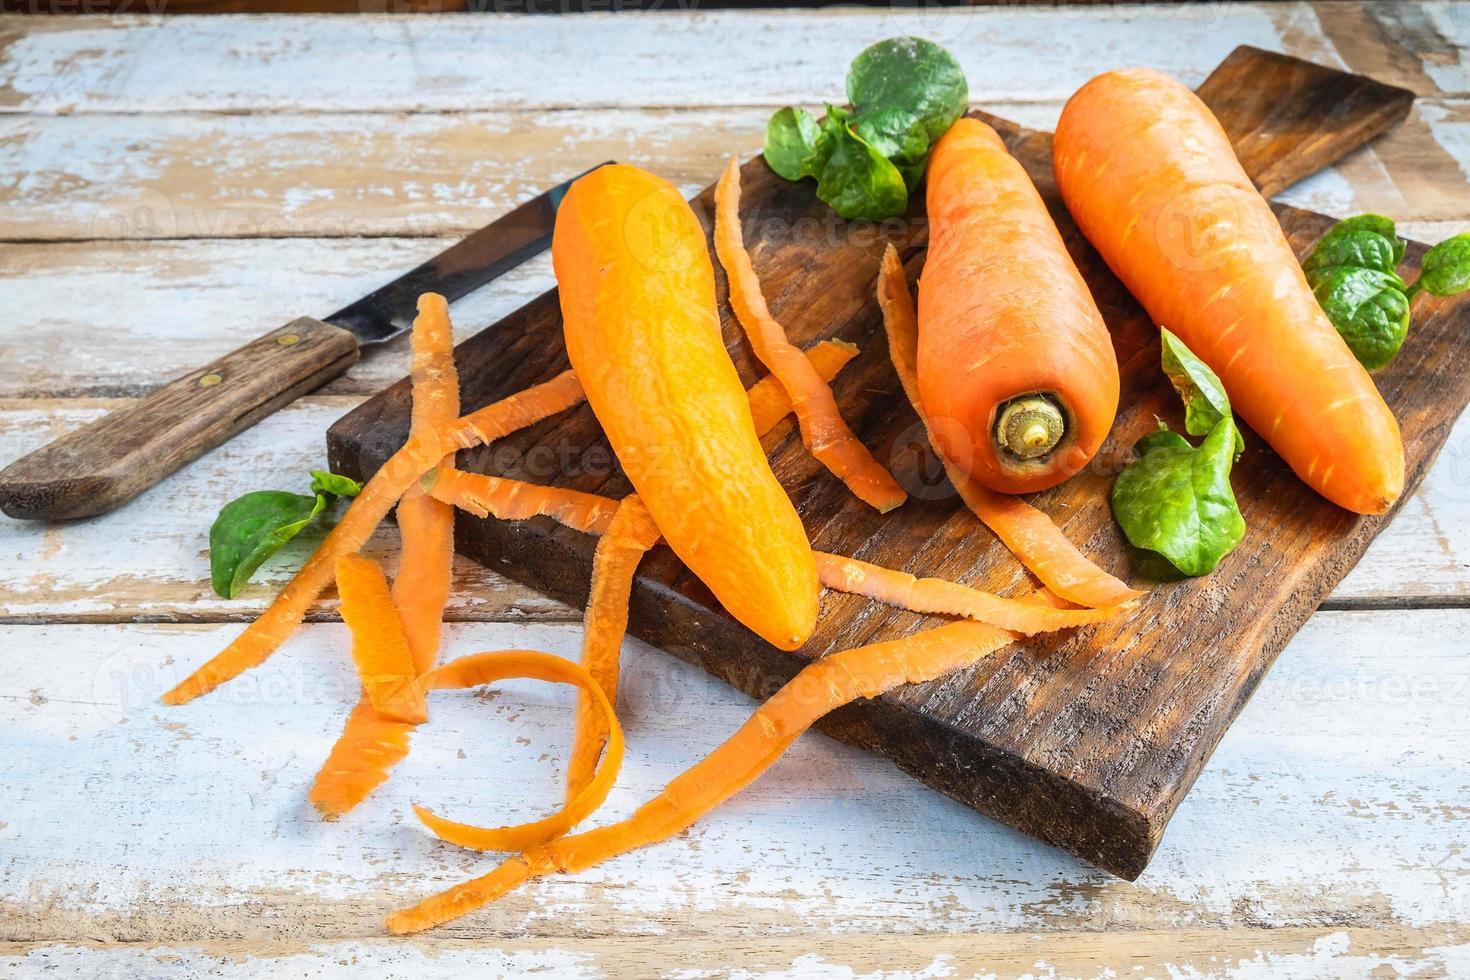 carote su un tagliere foto